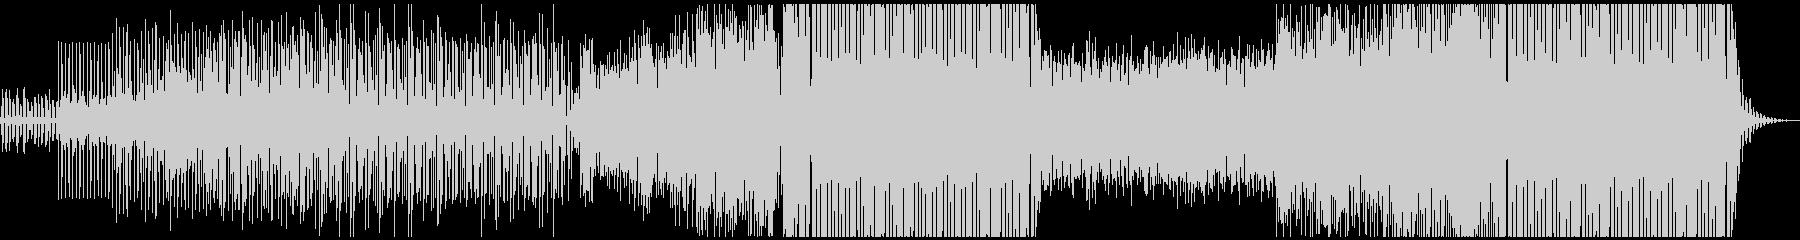 洋楽テイスト、トロピカルハウス、穏やかの未再生の波形